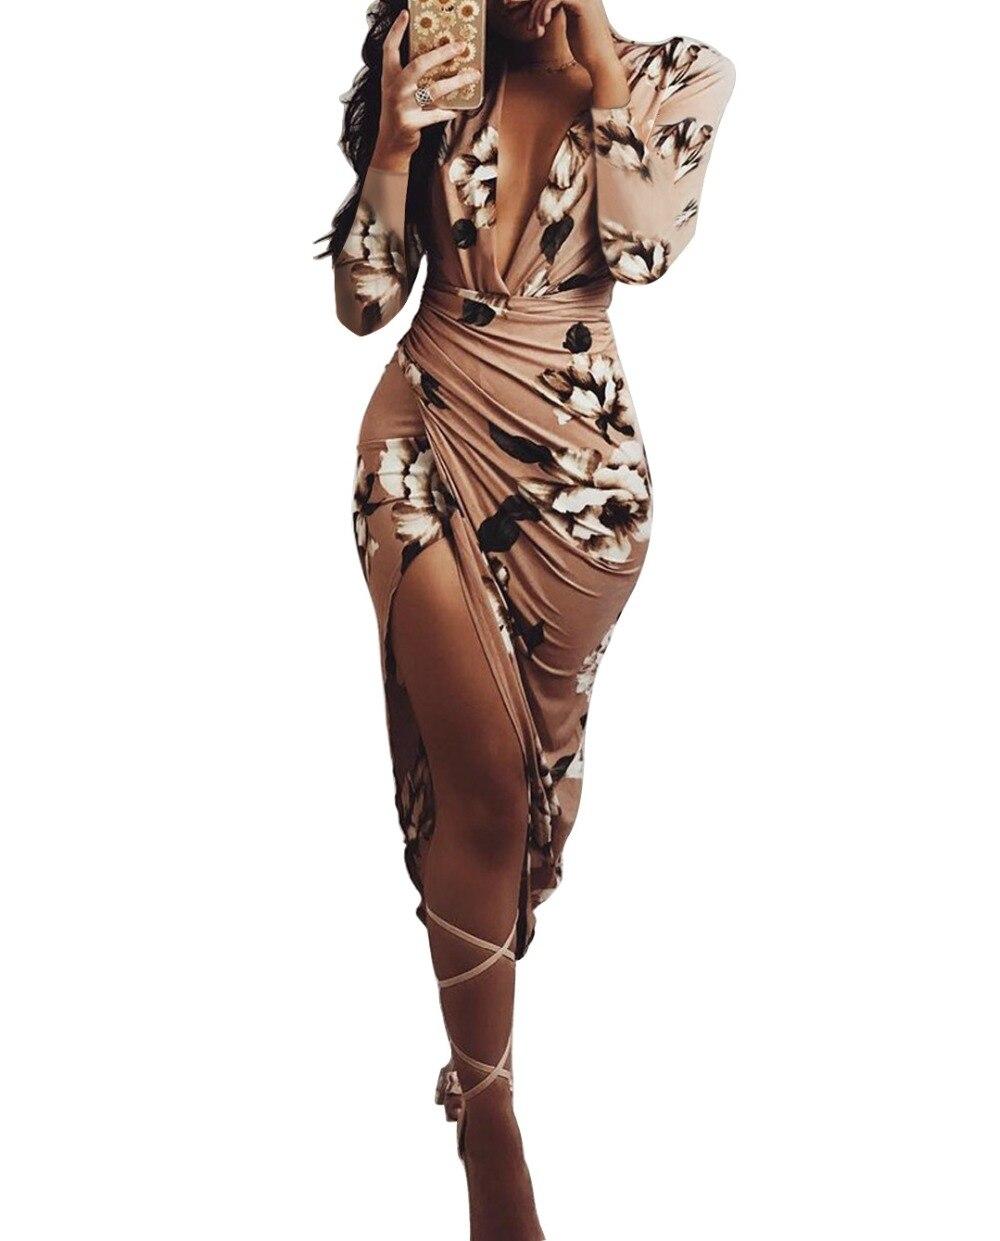 Automne Sexy Col En V Profond Robes Imprimé floral Moulante de Split Dames Vintage Robe Femmes À Manches Longues Irrégulière Robe robe Y052